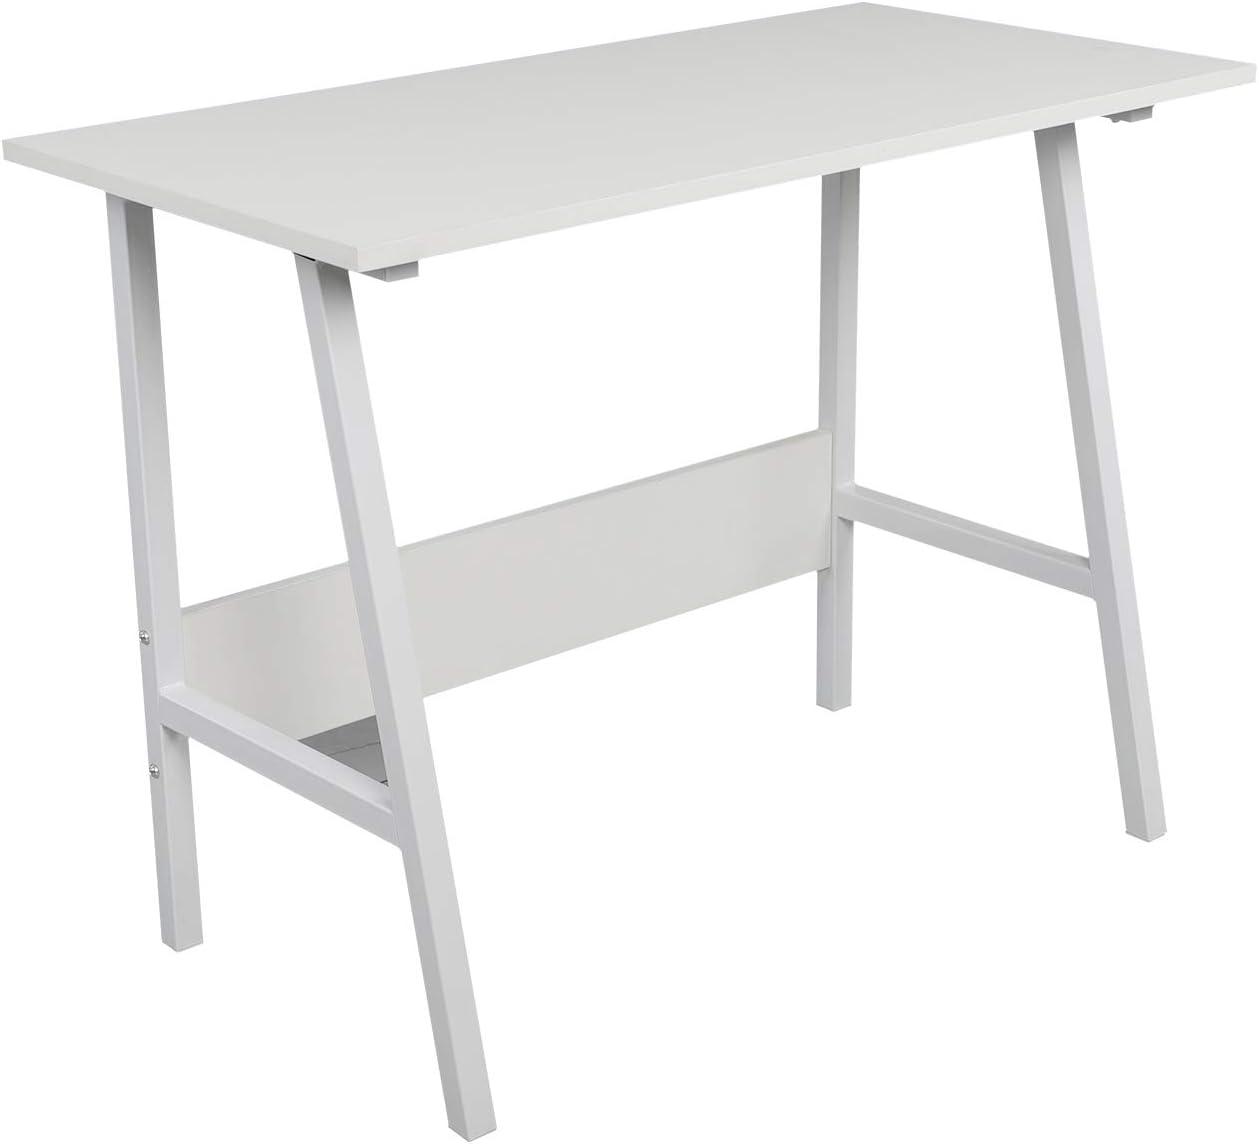 Bureau dordinateur blanc simple en bois 100 x 50 cm